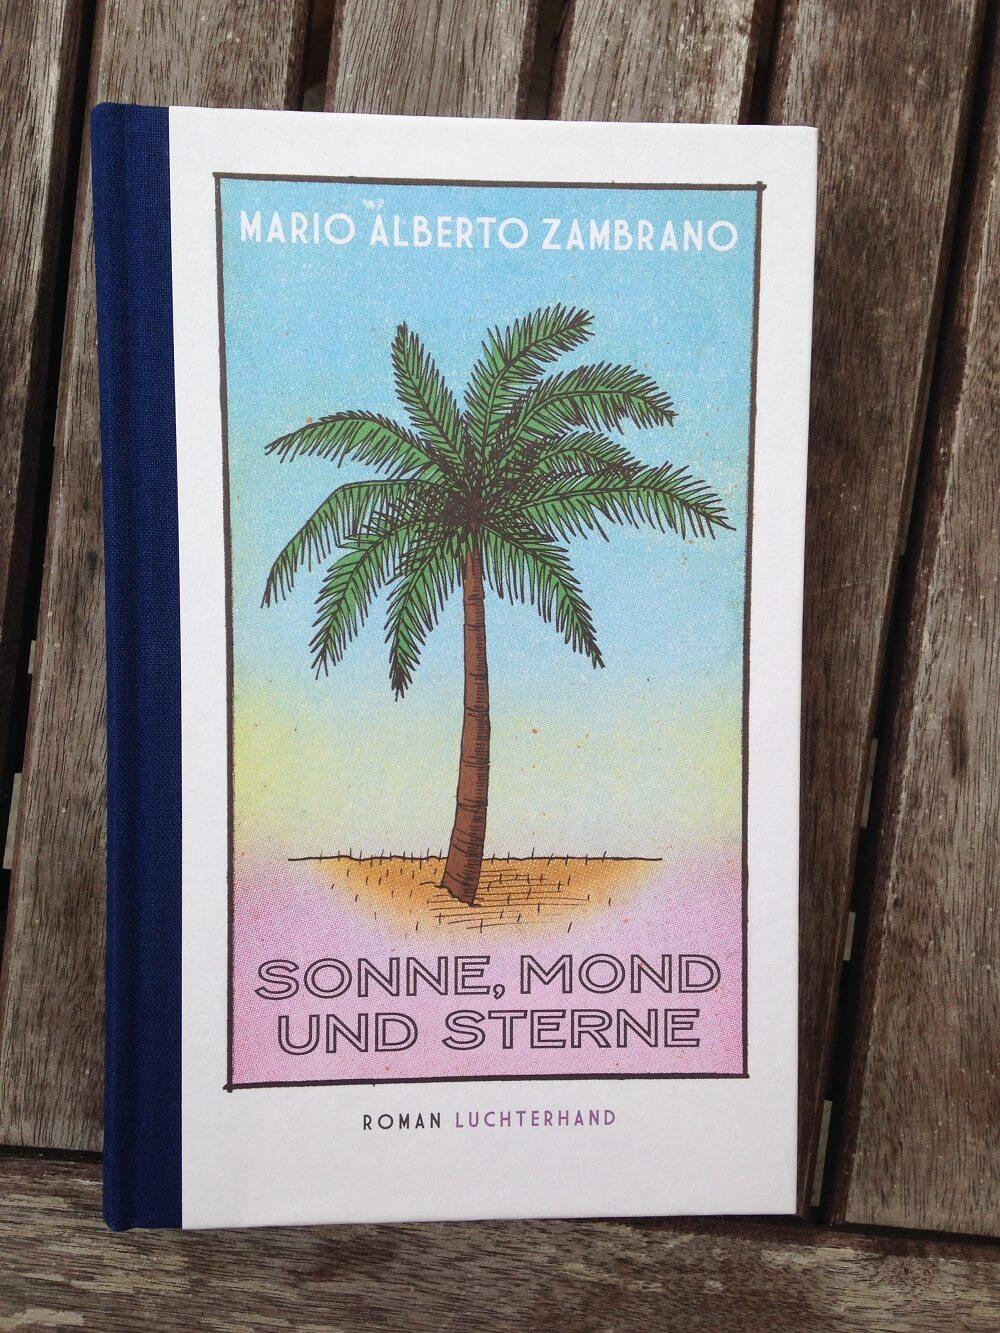 Sonne, Mond und Sterne von Mario Alberto Zambrano